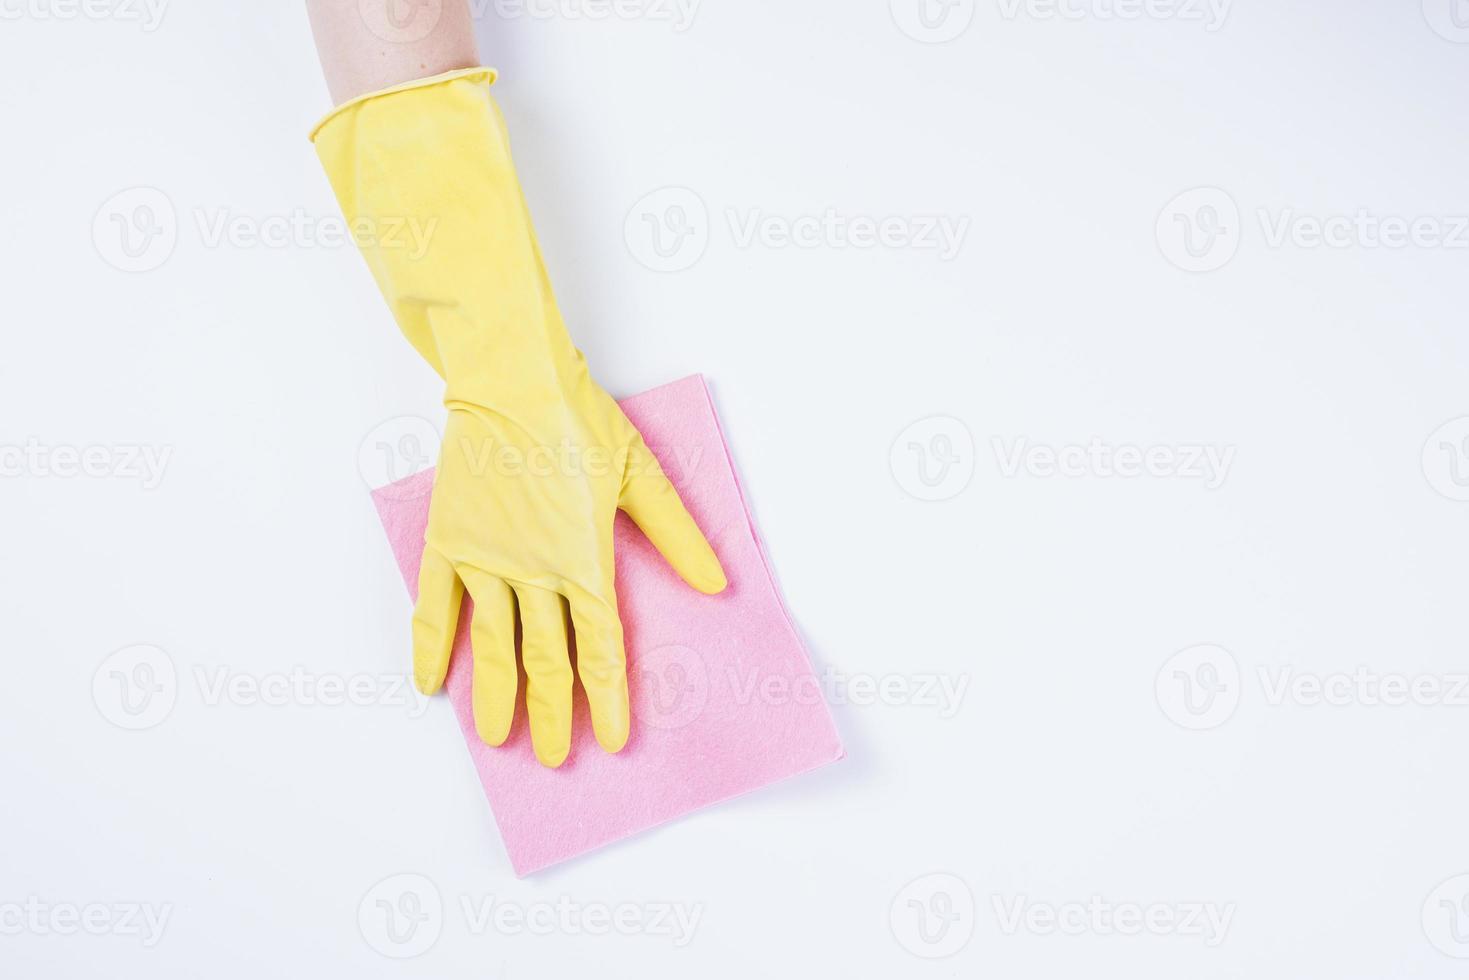 bidello pulizia con spolverino su sfondo bianco foto